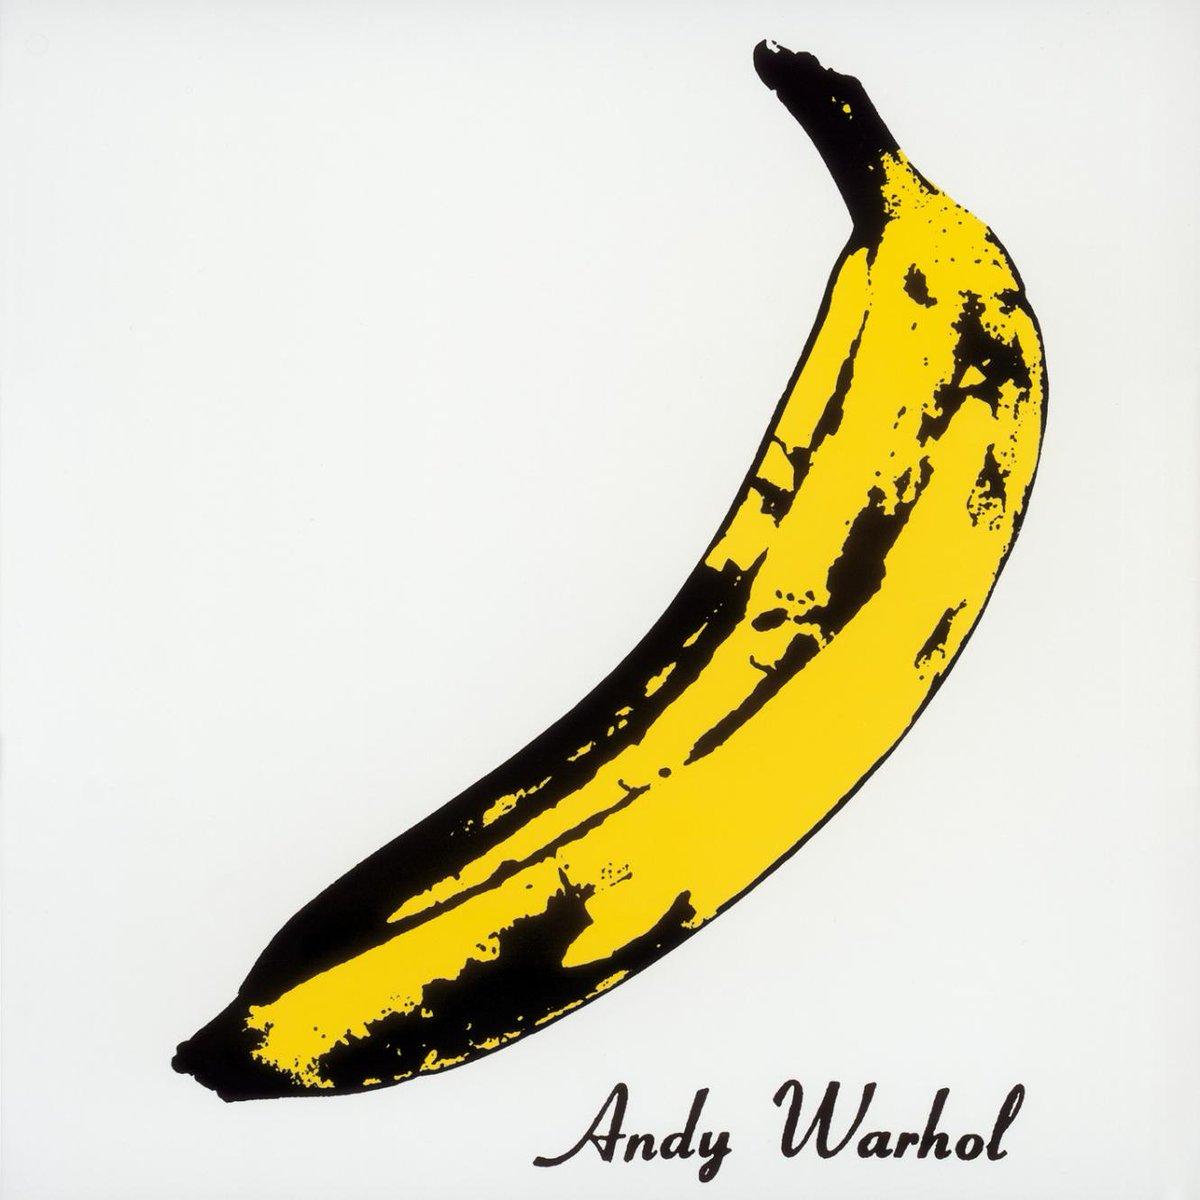 虫ピンで皮を刺してアンディ・ウォーホルのバナナを再現。 彫る前に、そもそも似てる形状のバナナ探しが大…